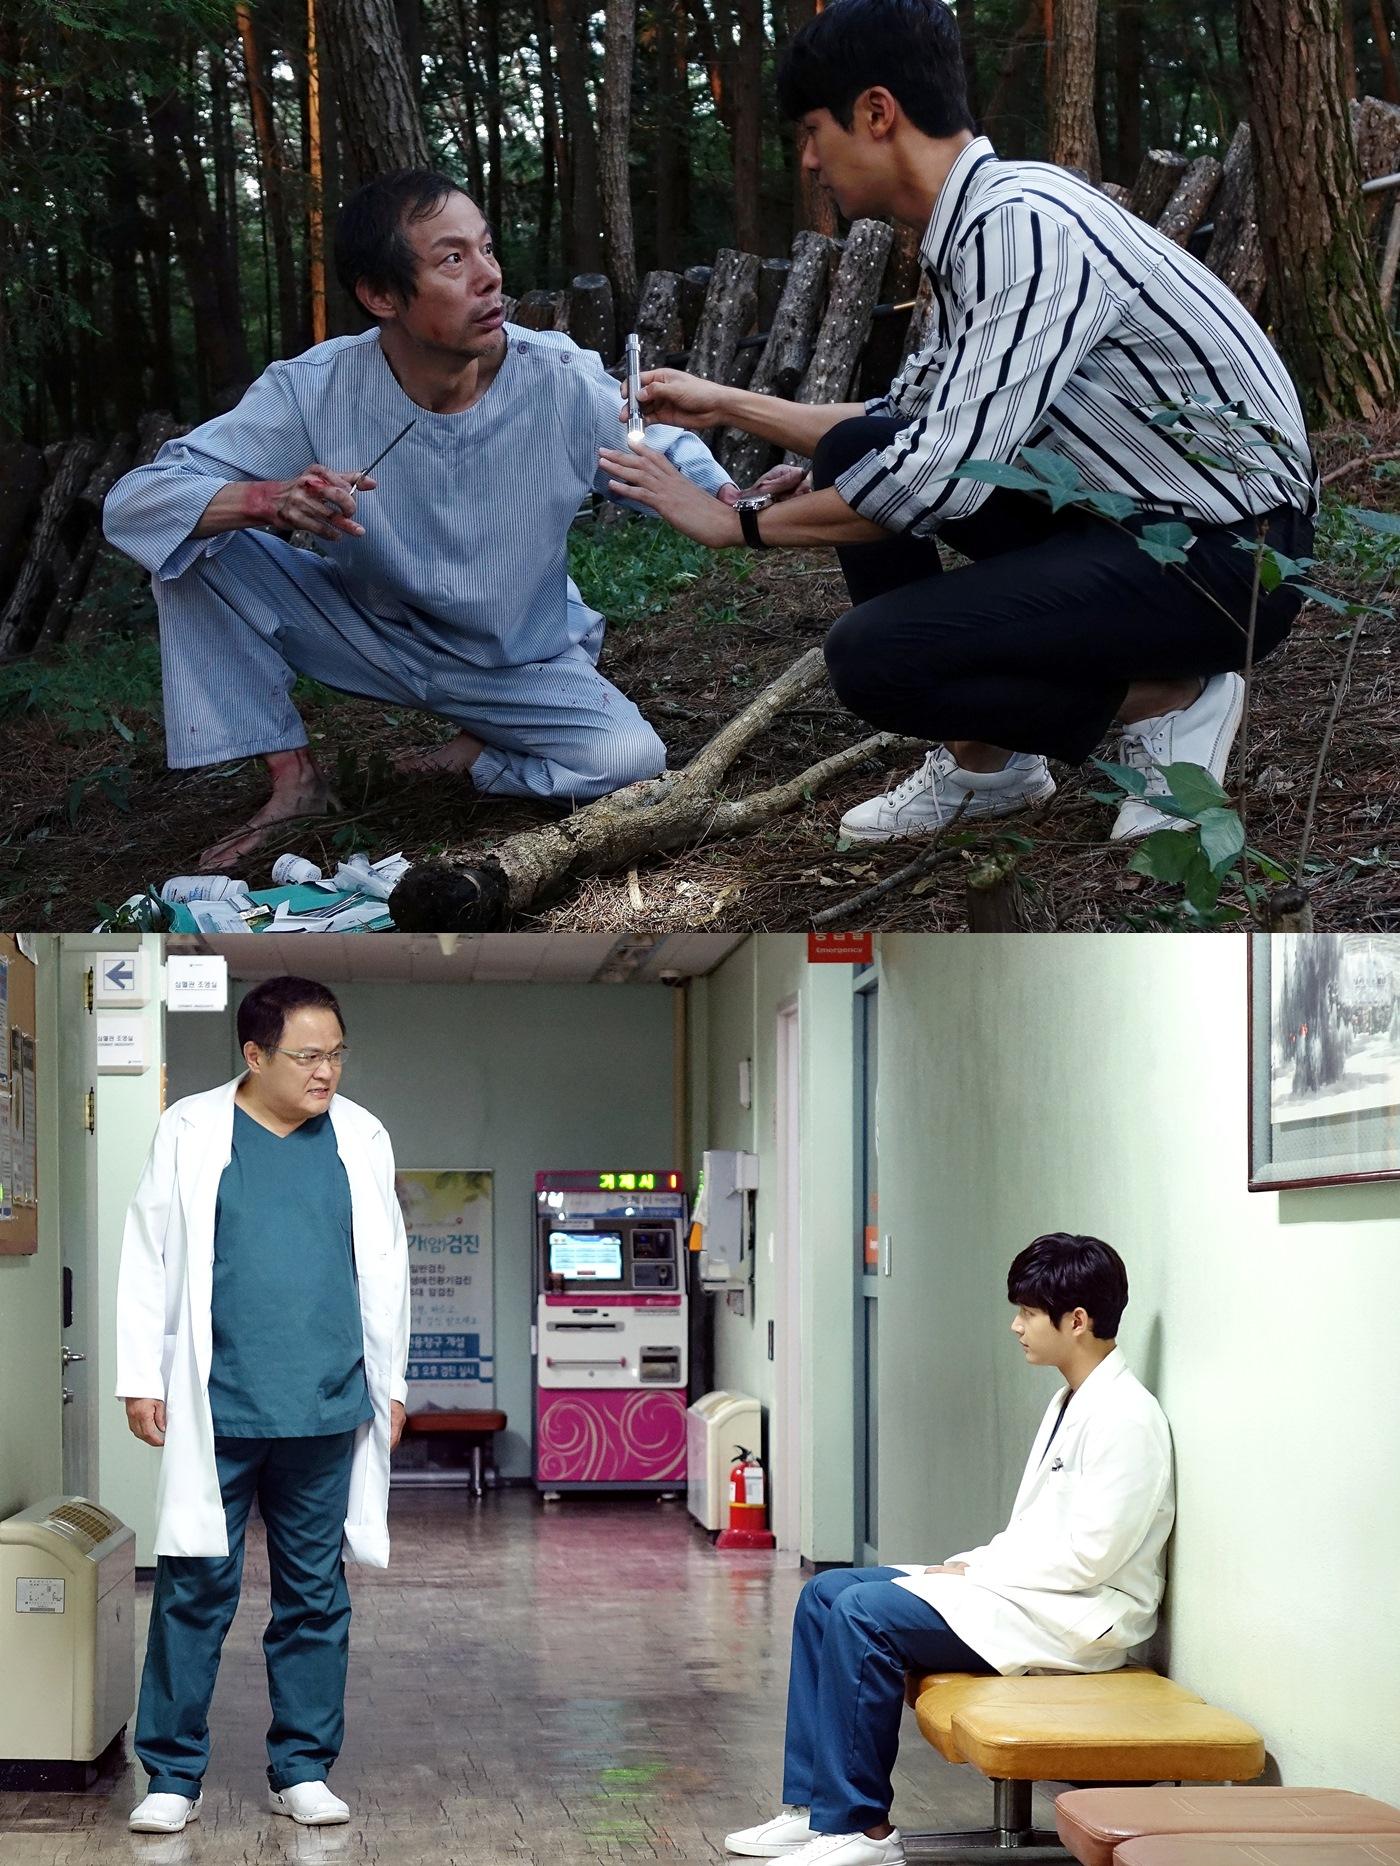 <병원선> 강민혁+이서원 父子로 그리는 '가족 소통' 이야기 이미지-1